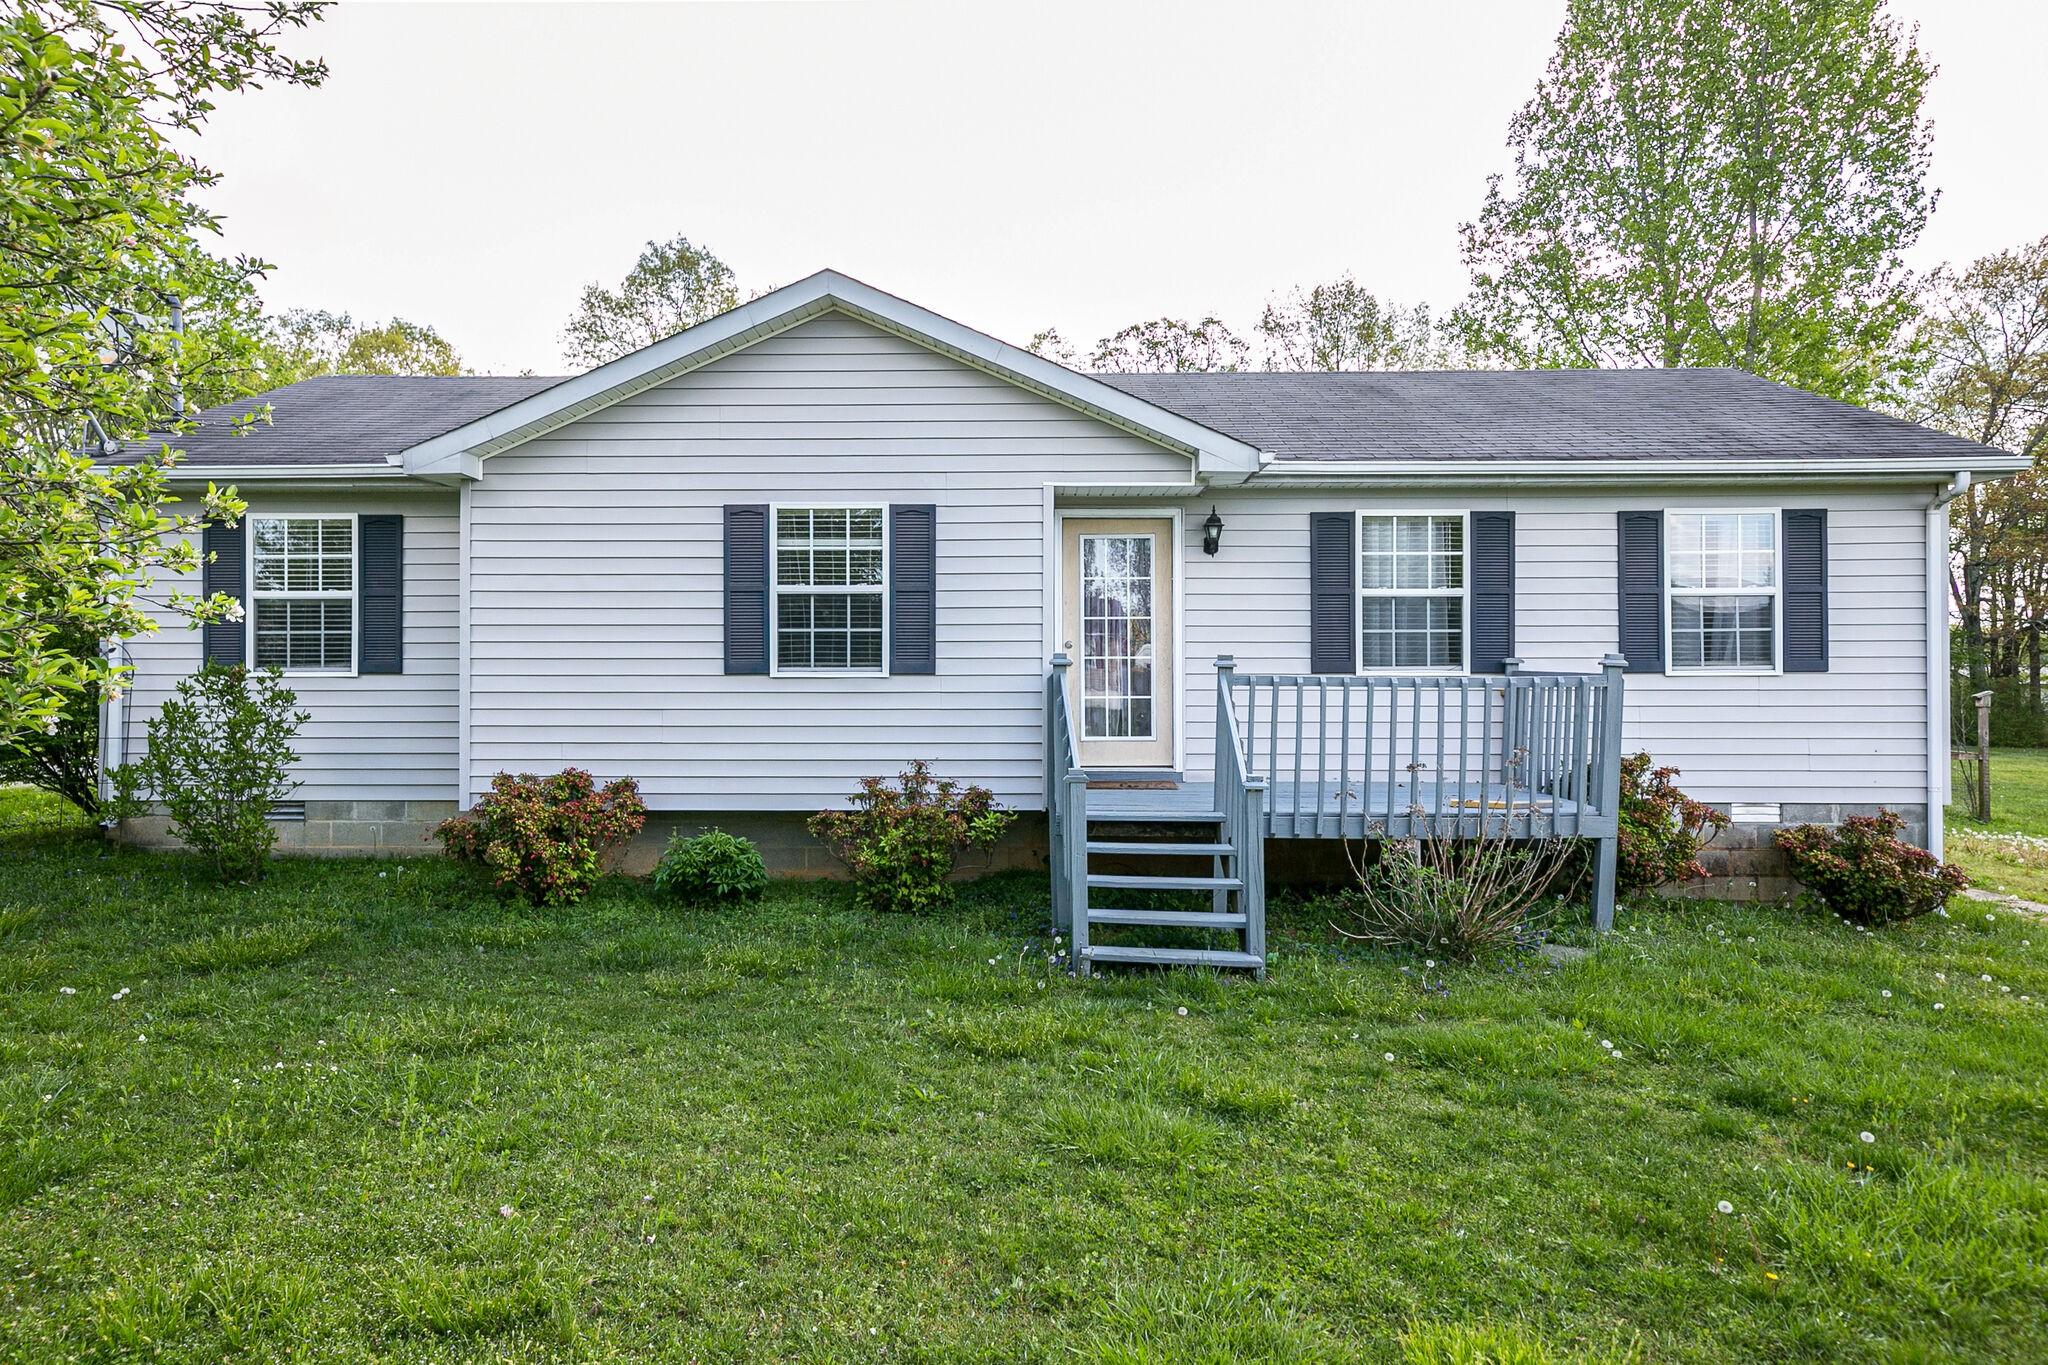 184 N E St Property Photo - Hillsboro, TN real estate listing